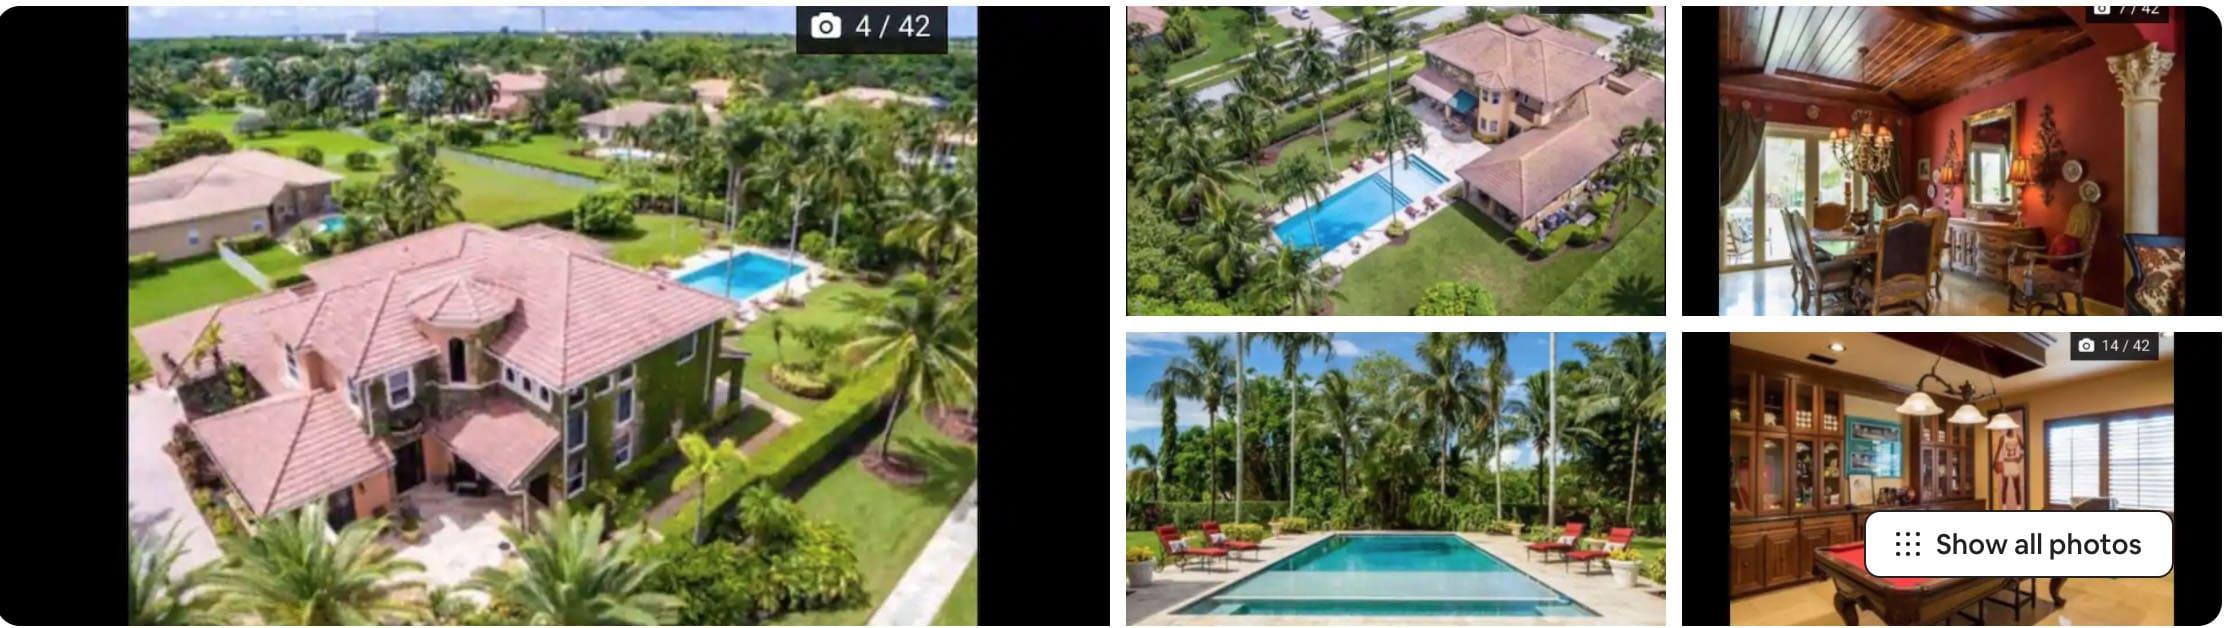 airbnb wedding venues in florida - Weston, FL Airbnb